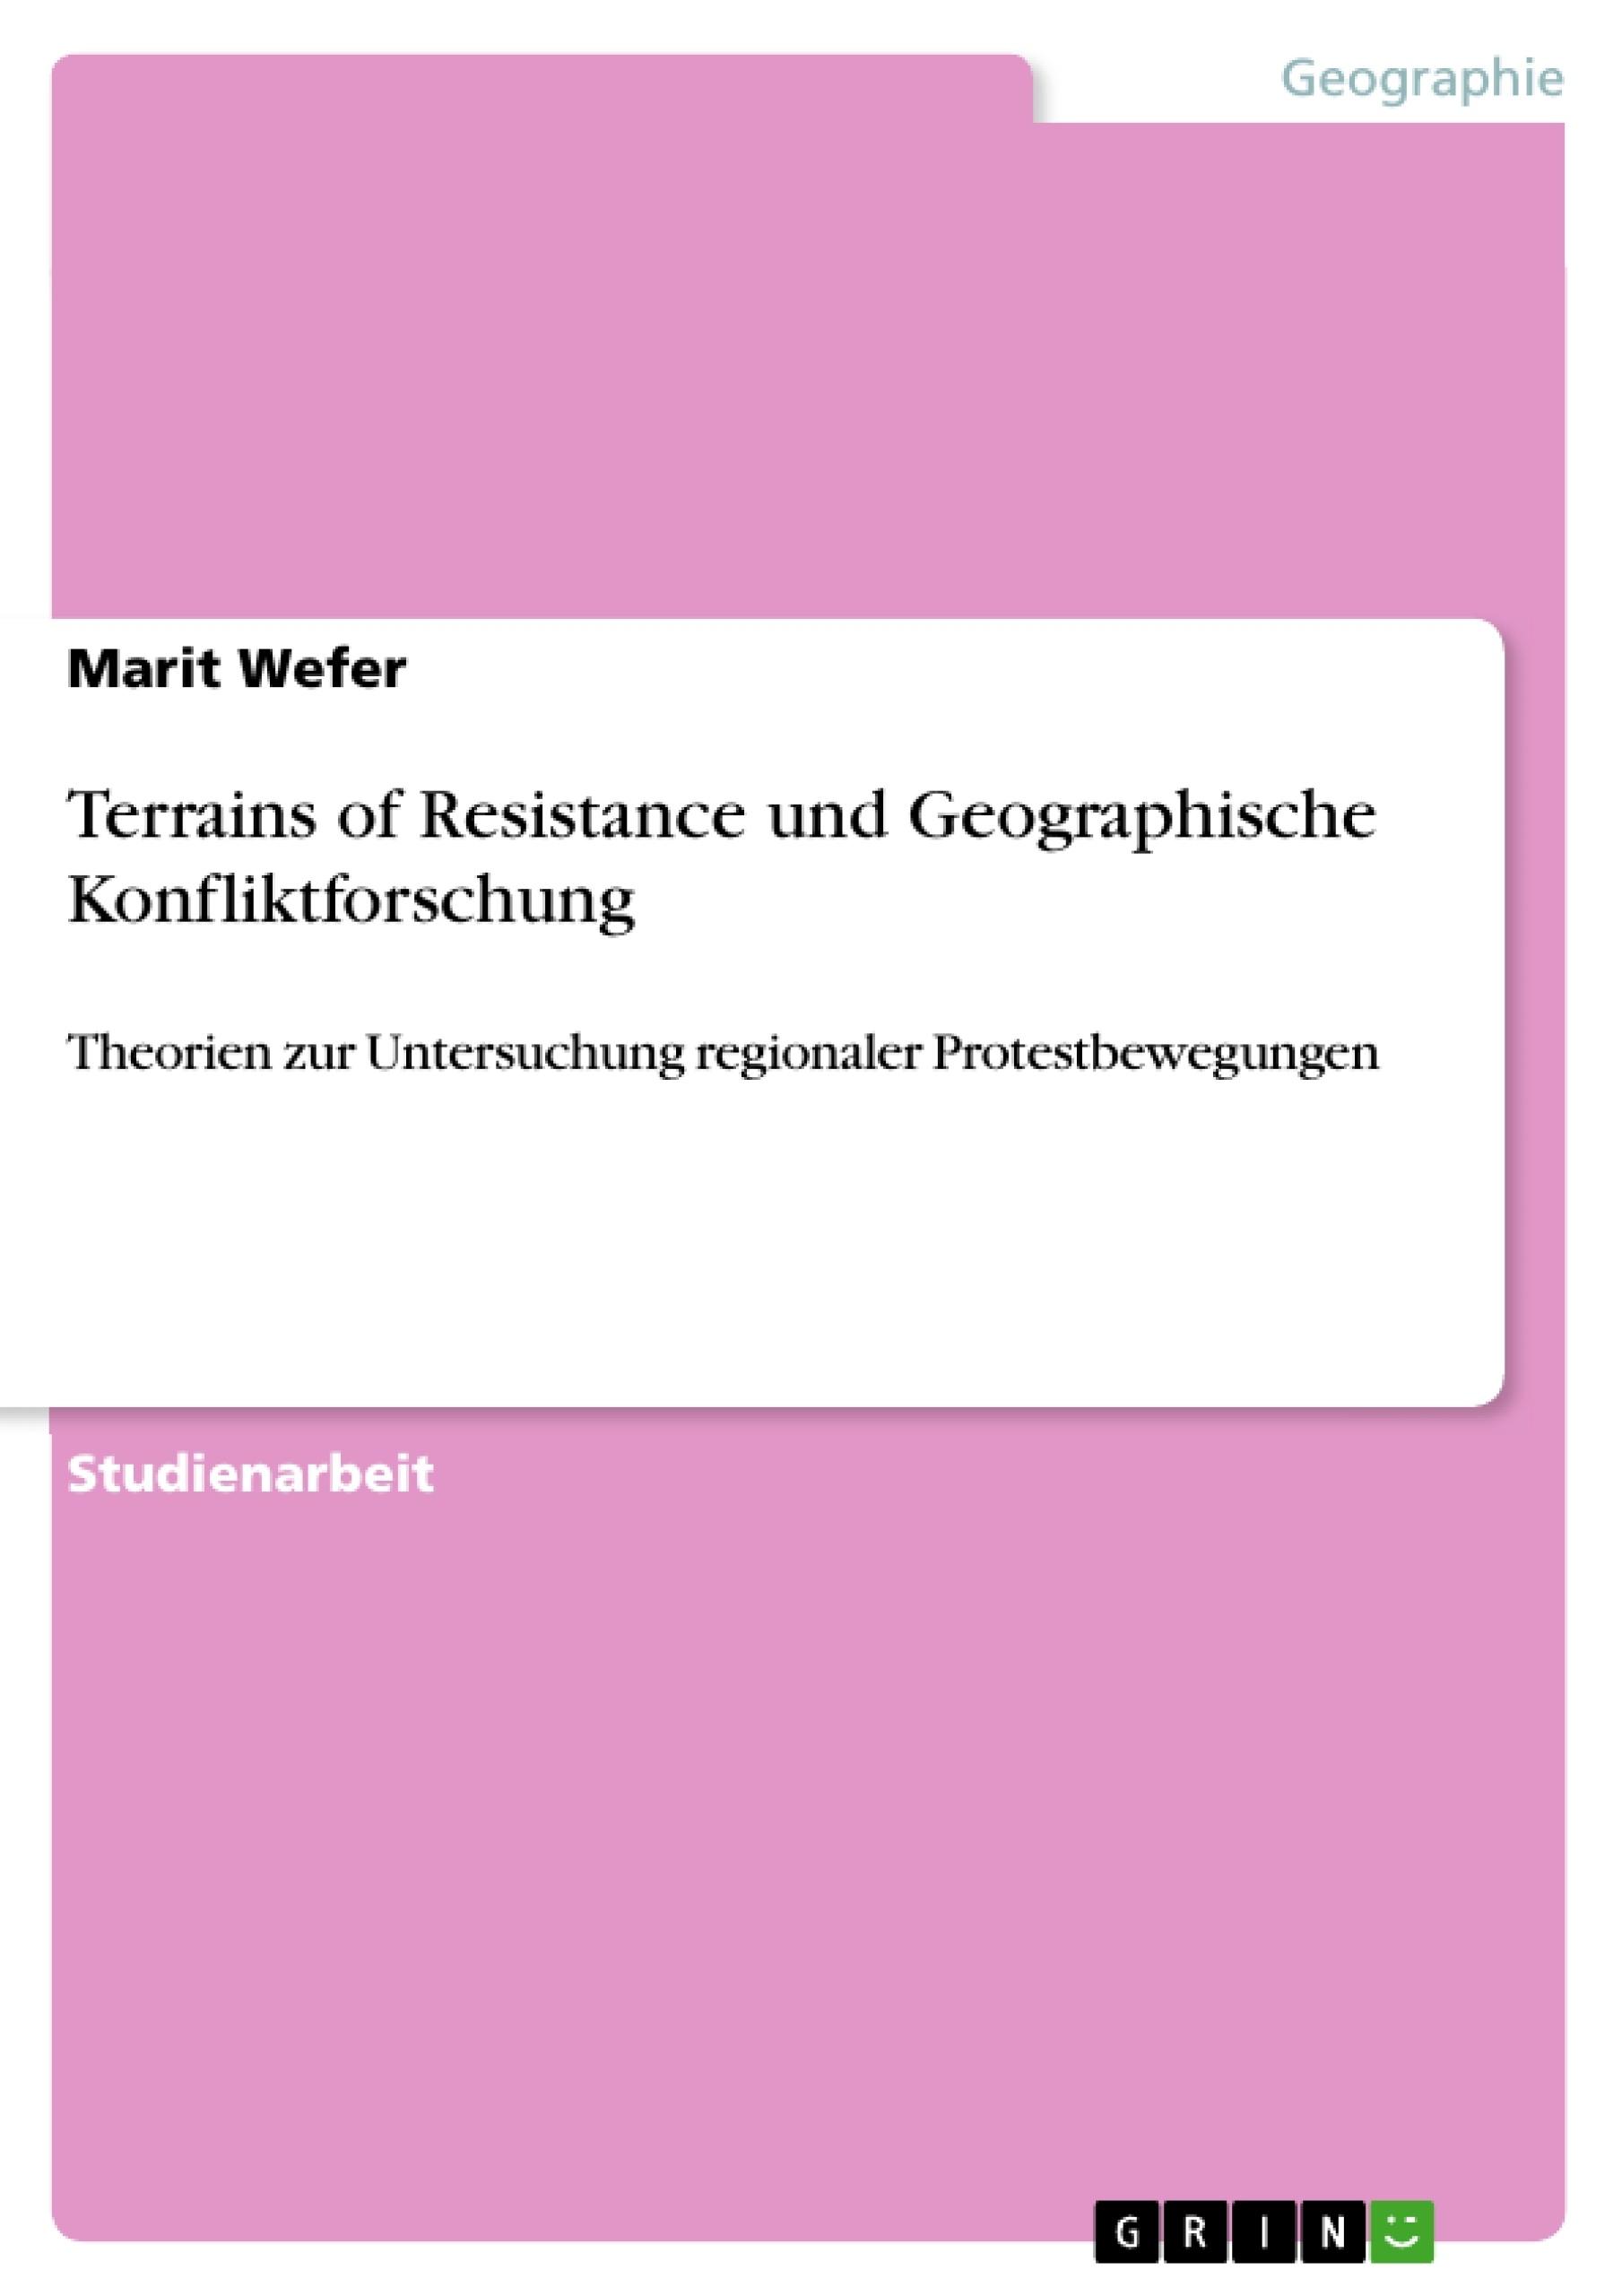 Titel: Terrains of Resistance und Geographische Konfliktforschung